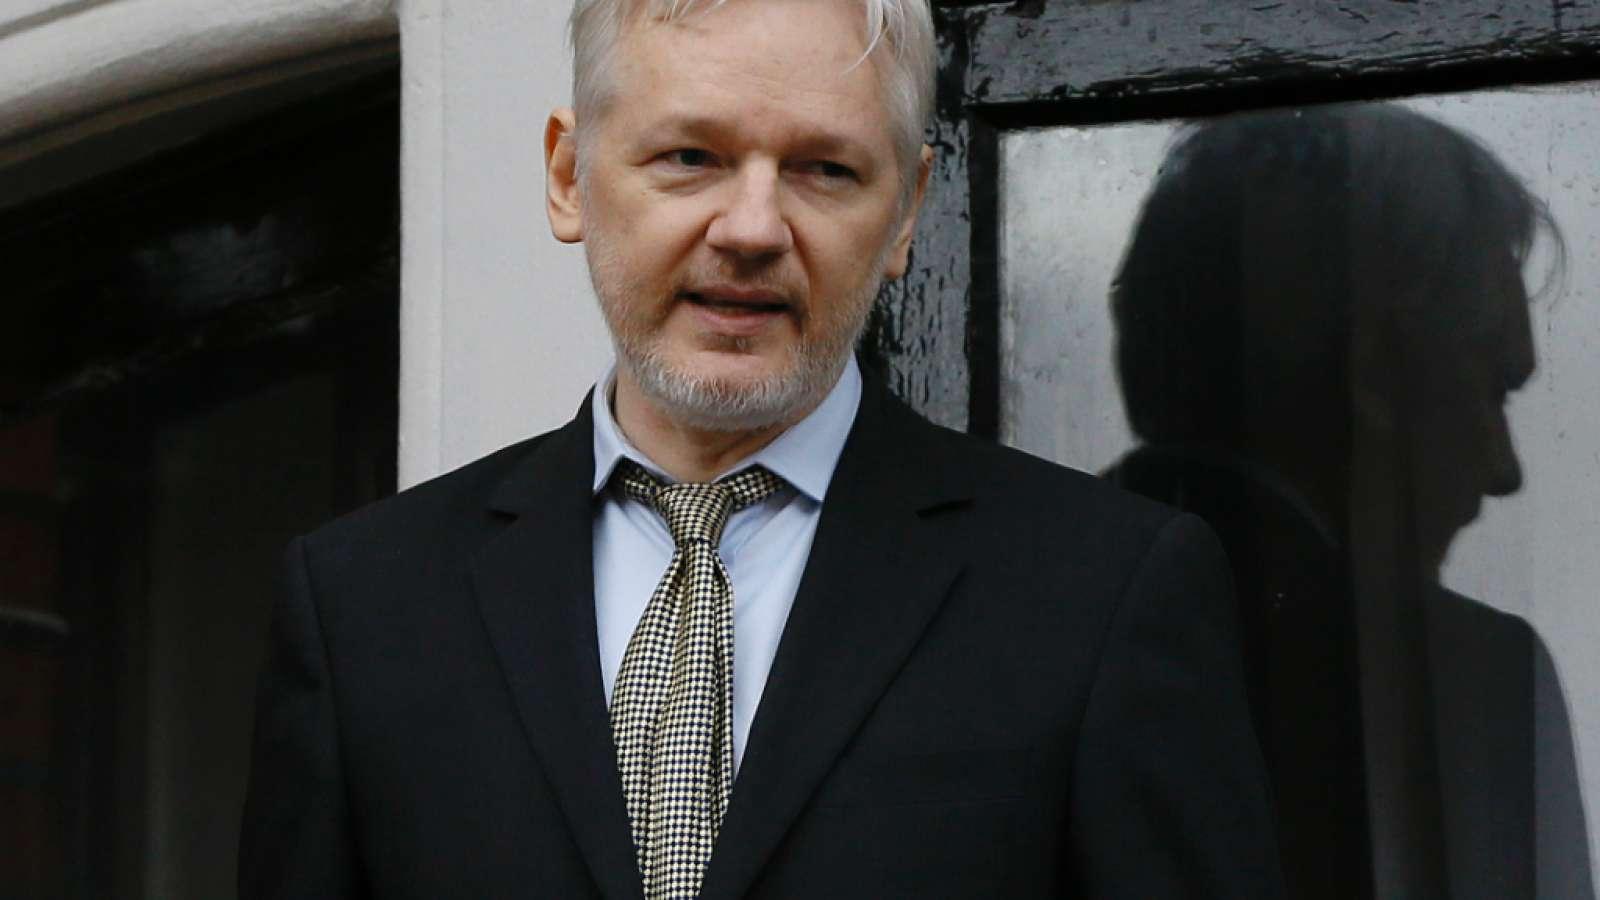 Wikileaks-Gründer Julian Assange sieht in den jüngsten Enthüllungen noch grössere Sprengkraft als in jenen von Edward Snowden. (Archivbild)